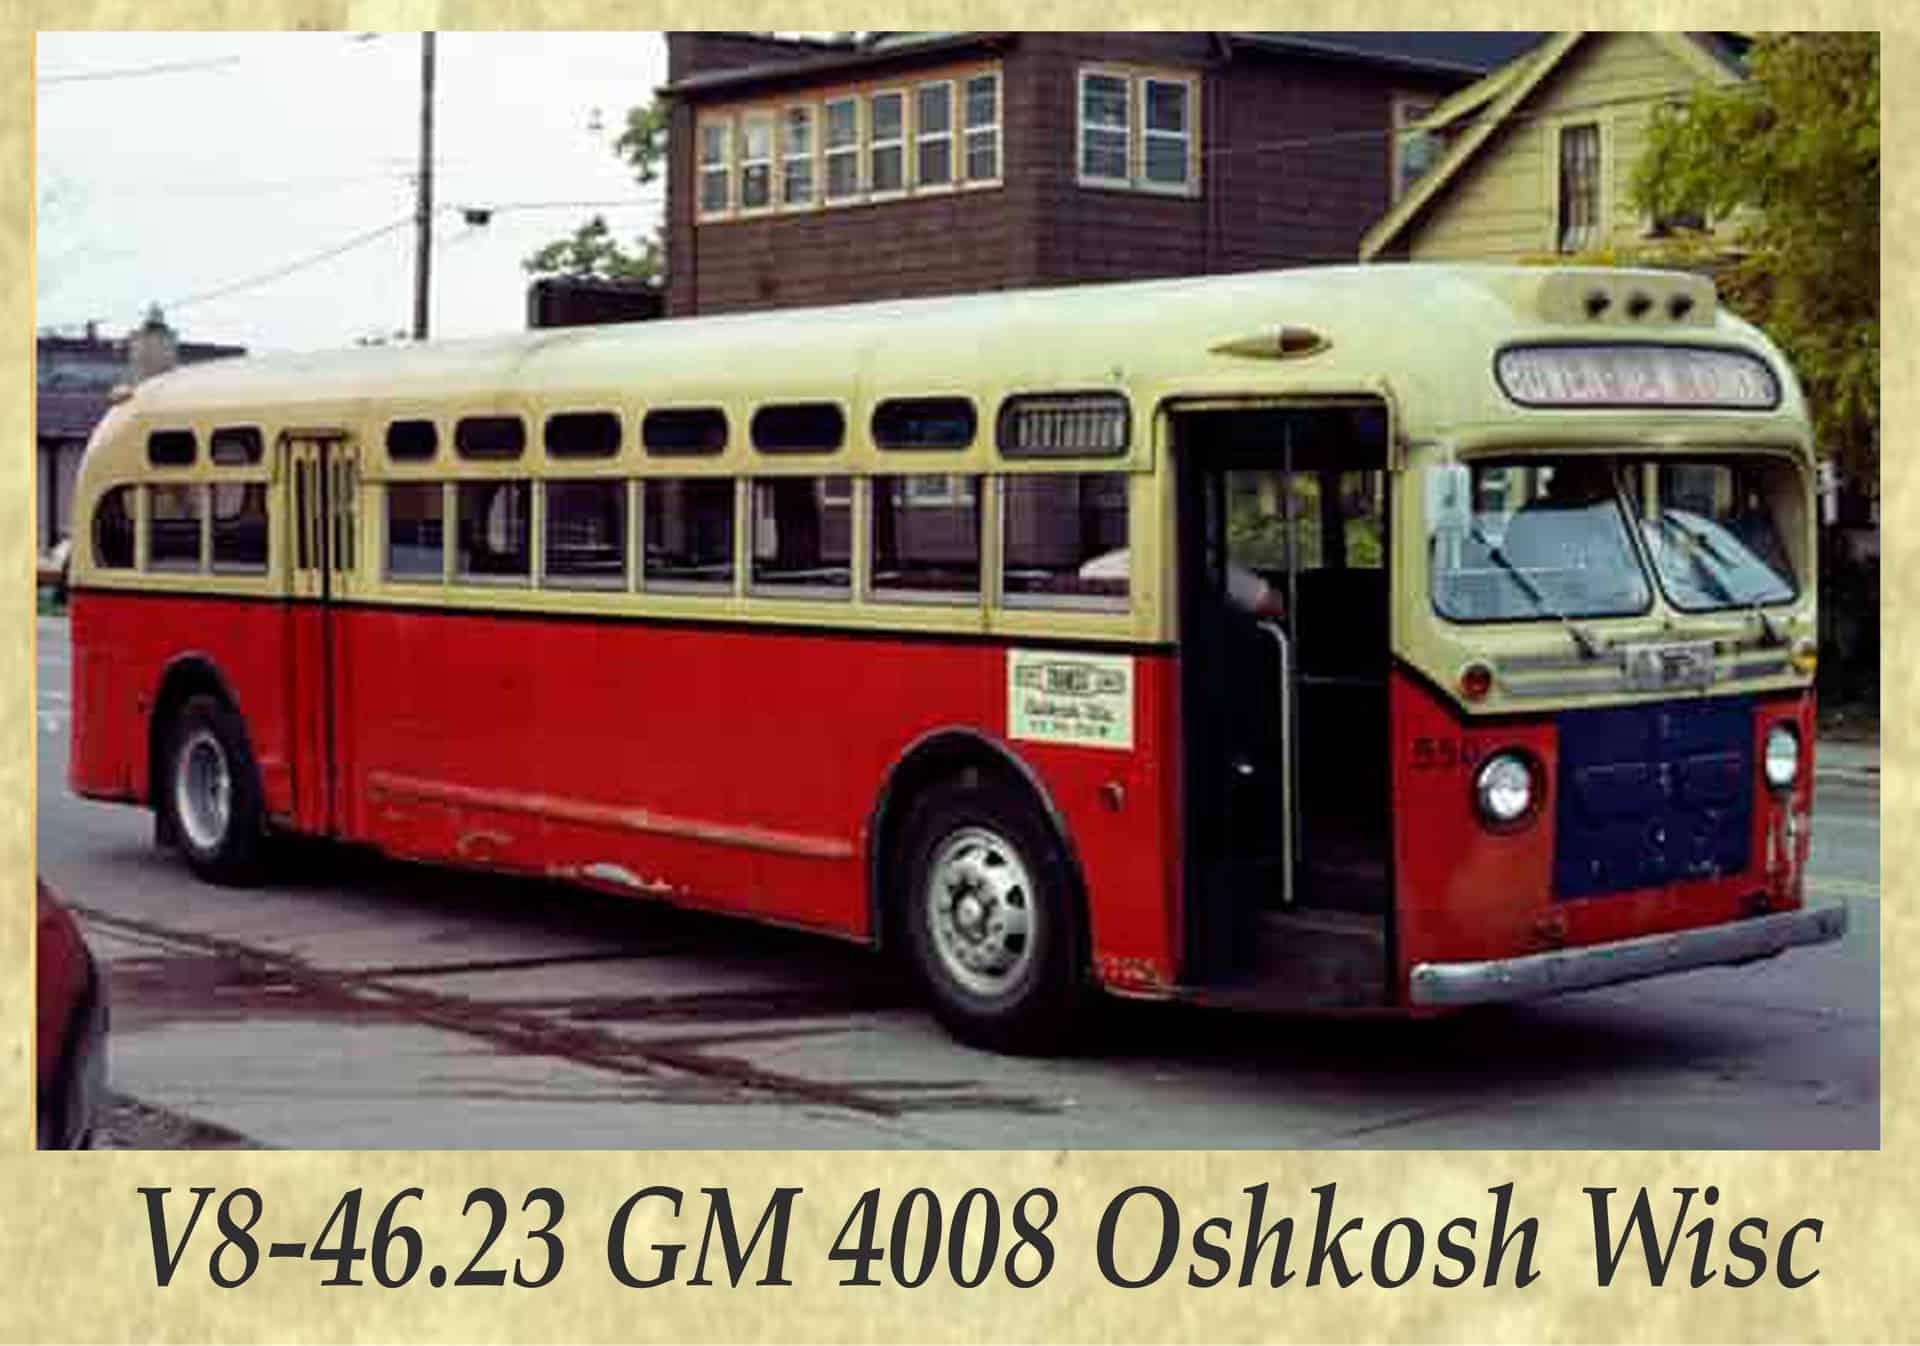 V8-46.23 GM 4008 Oshkosh Wisc